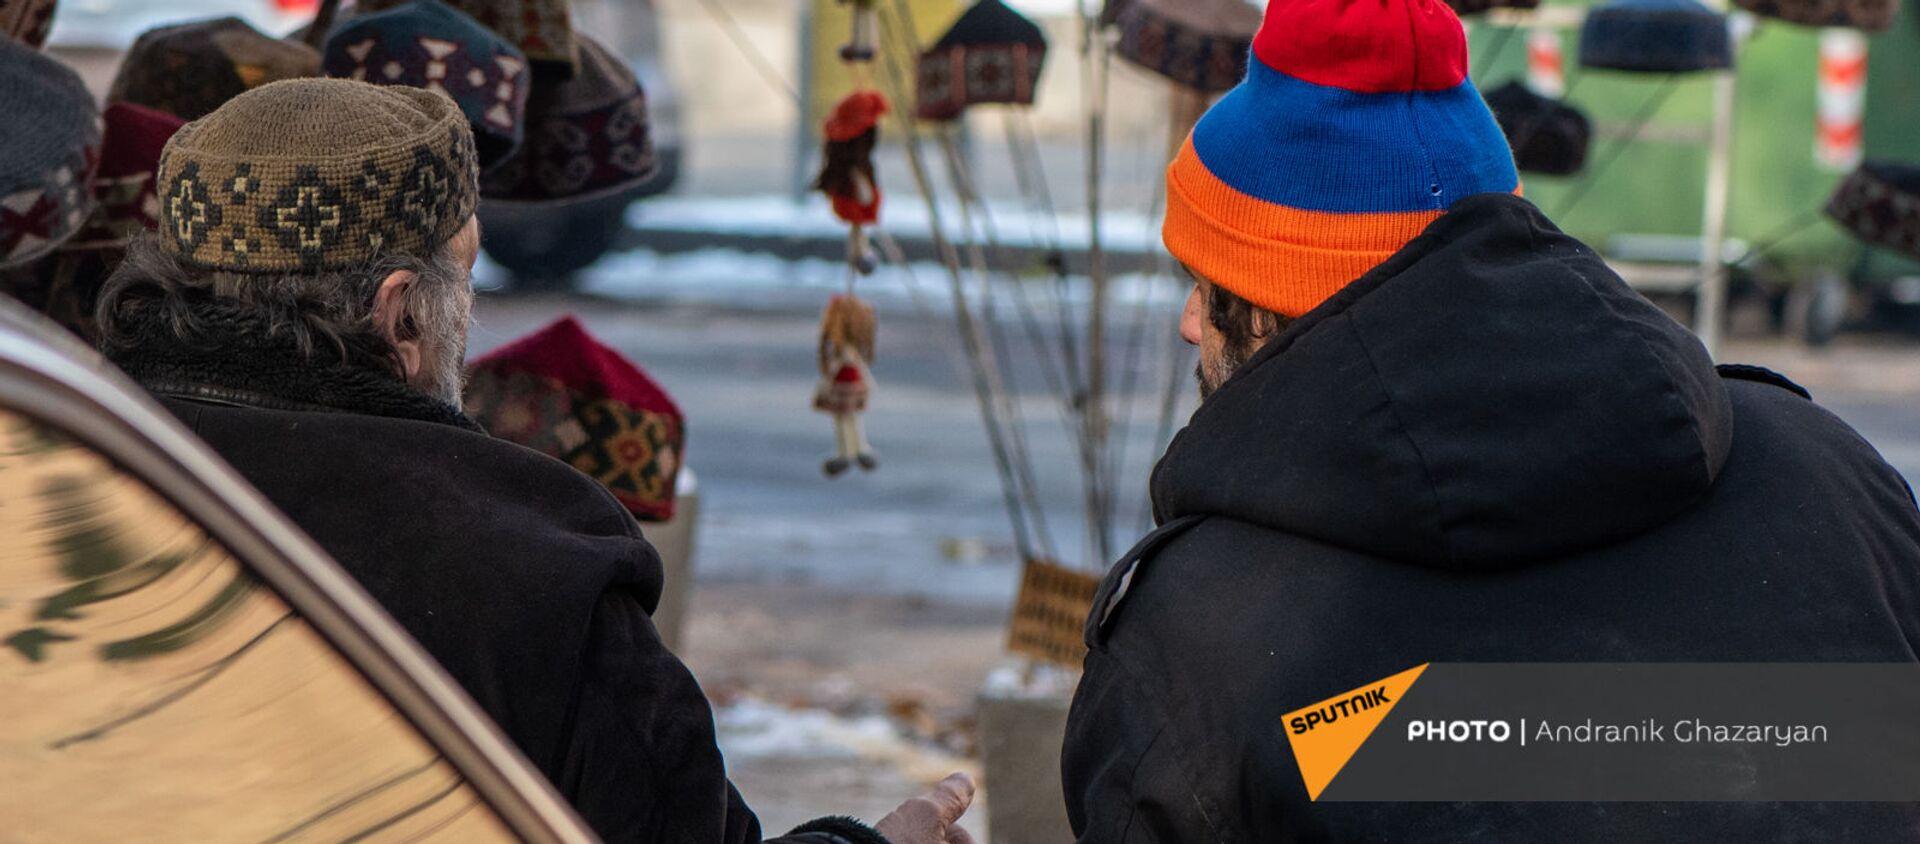 Продавцы шапок с национальным узором в Ереванском вернисаже - Sputnik Արմենիա, 1920, 25.07.2021